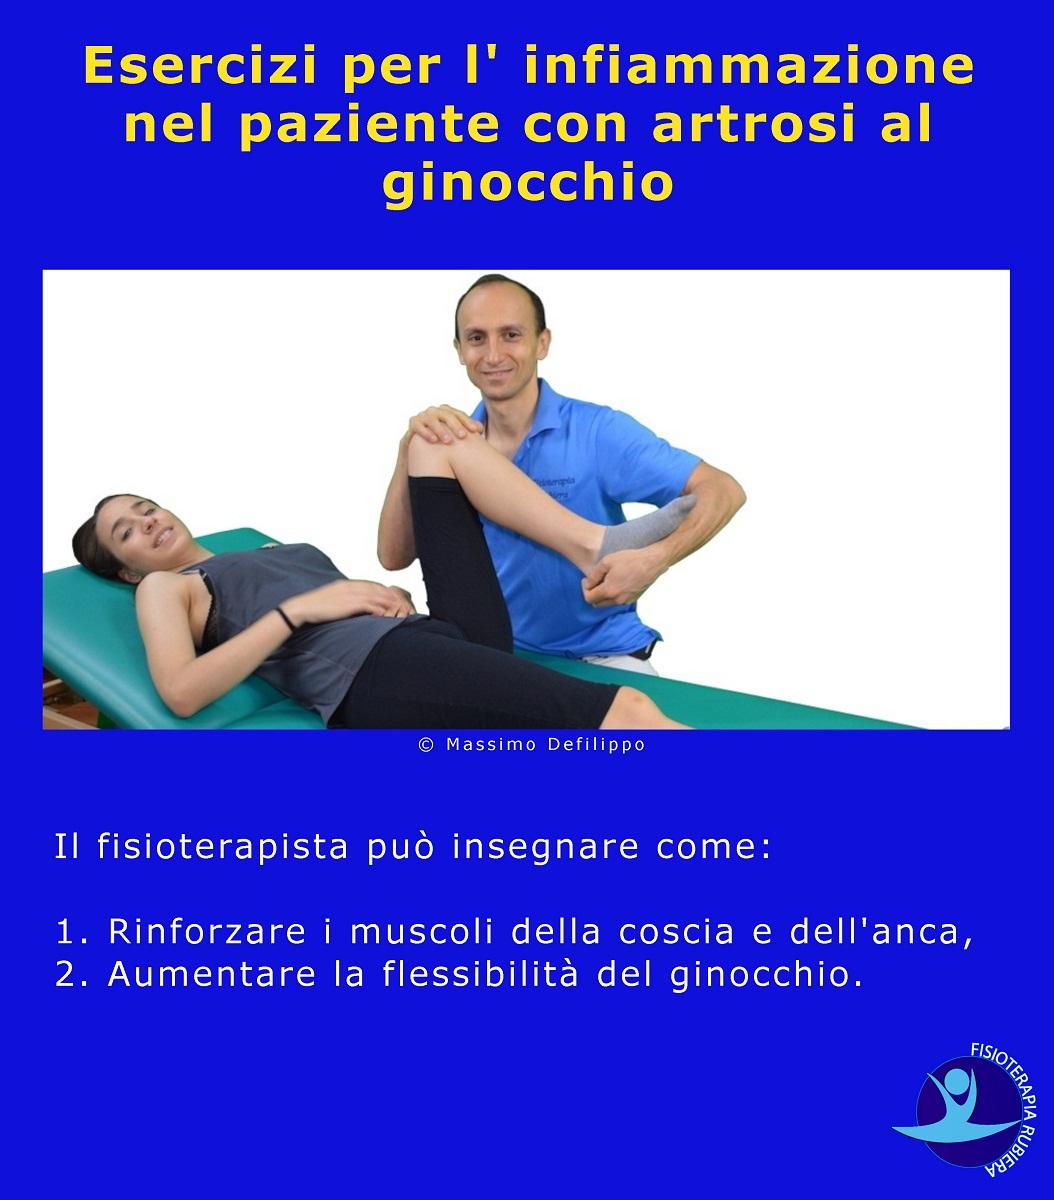 Esercizi per l' infiammazione nel paziente con artrosi al ginocchio